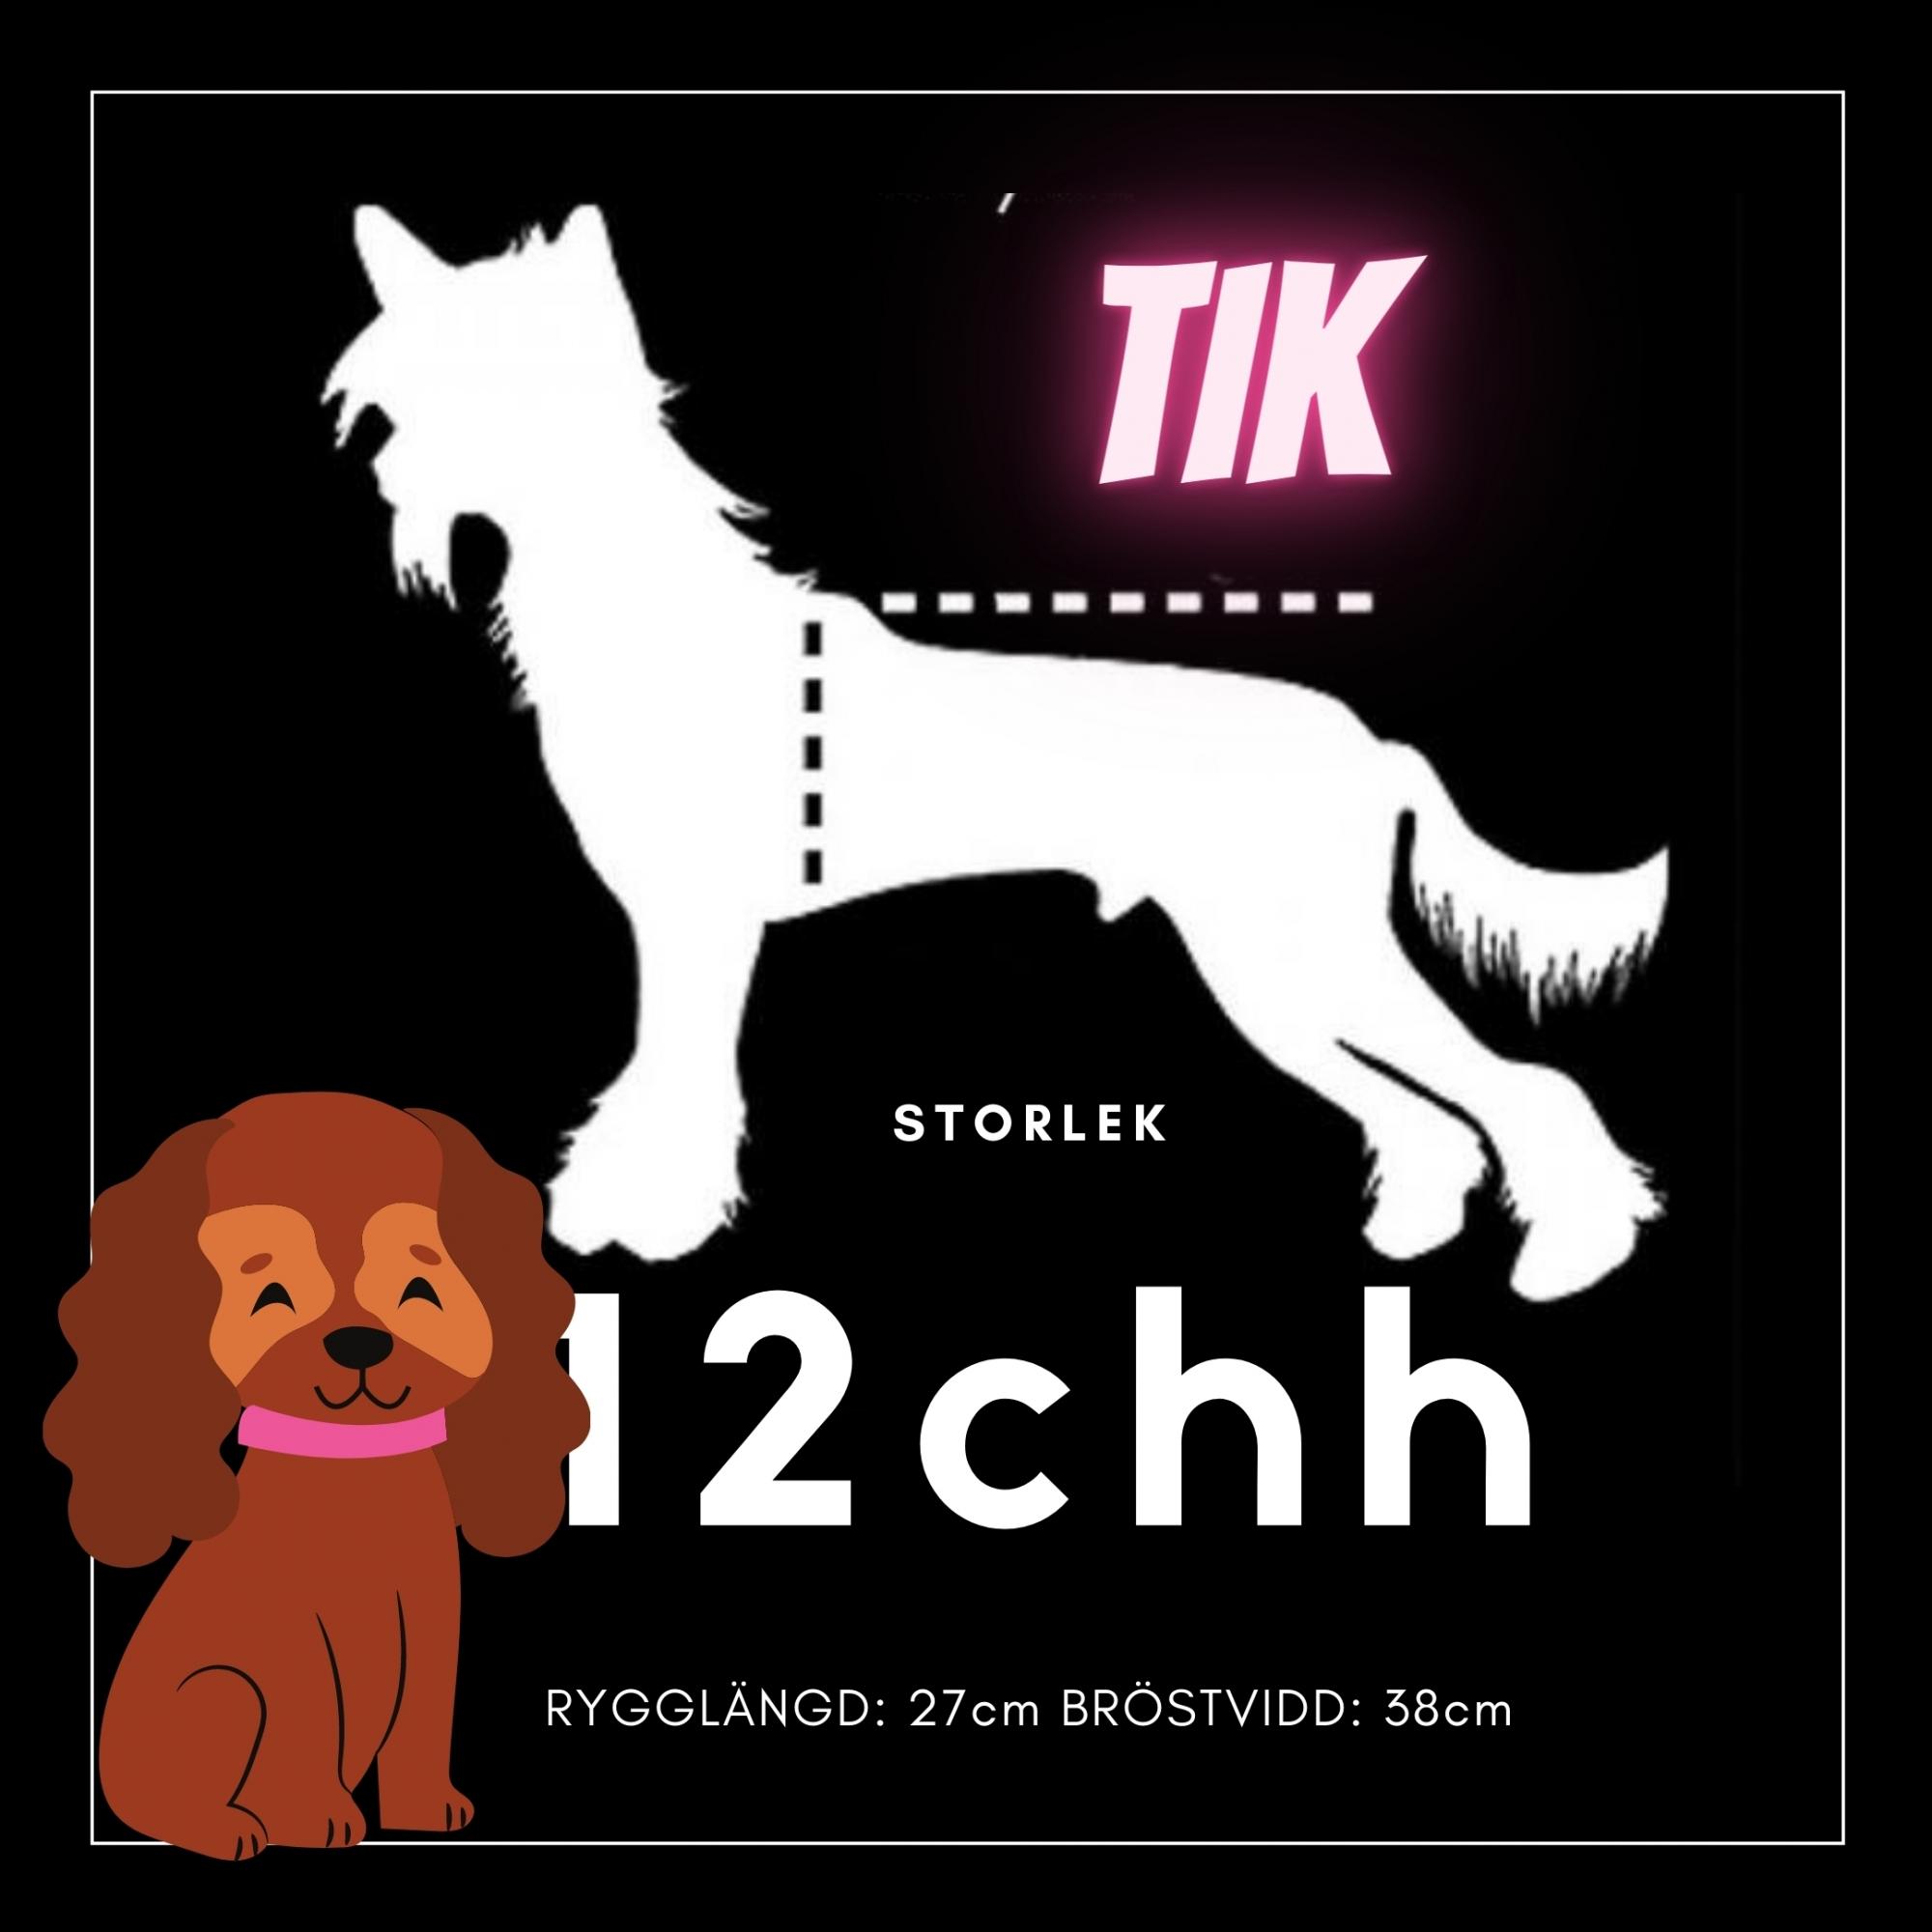 Tik Storlek 12chh - Passion For Pet Fashion